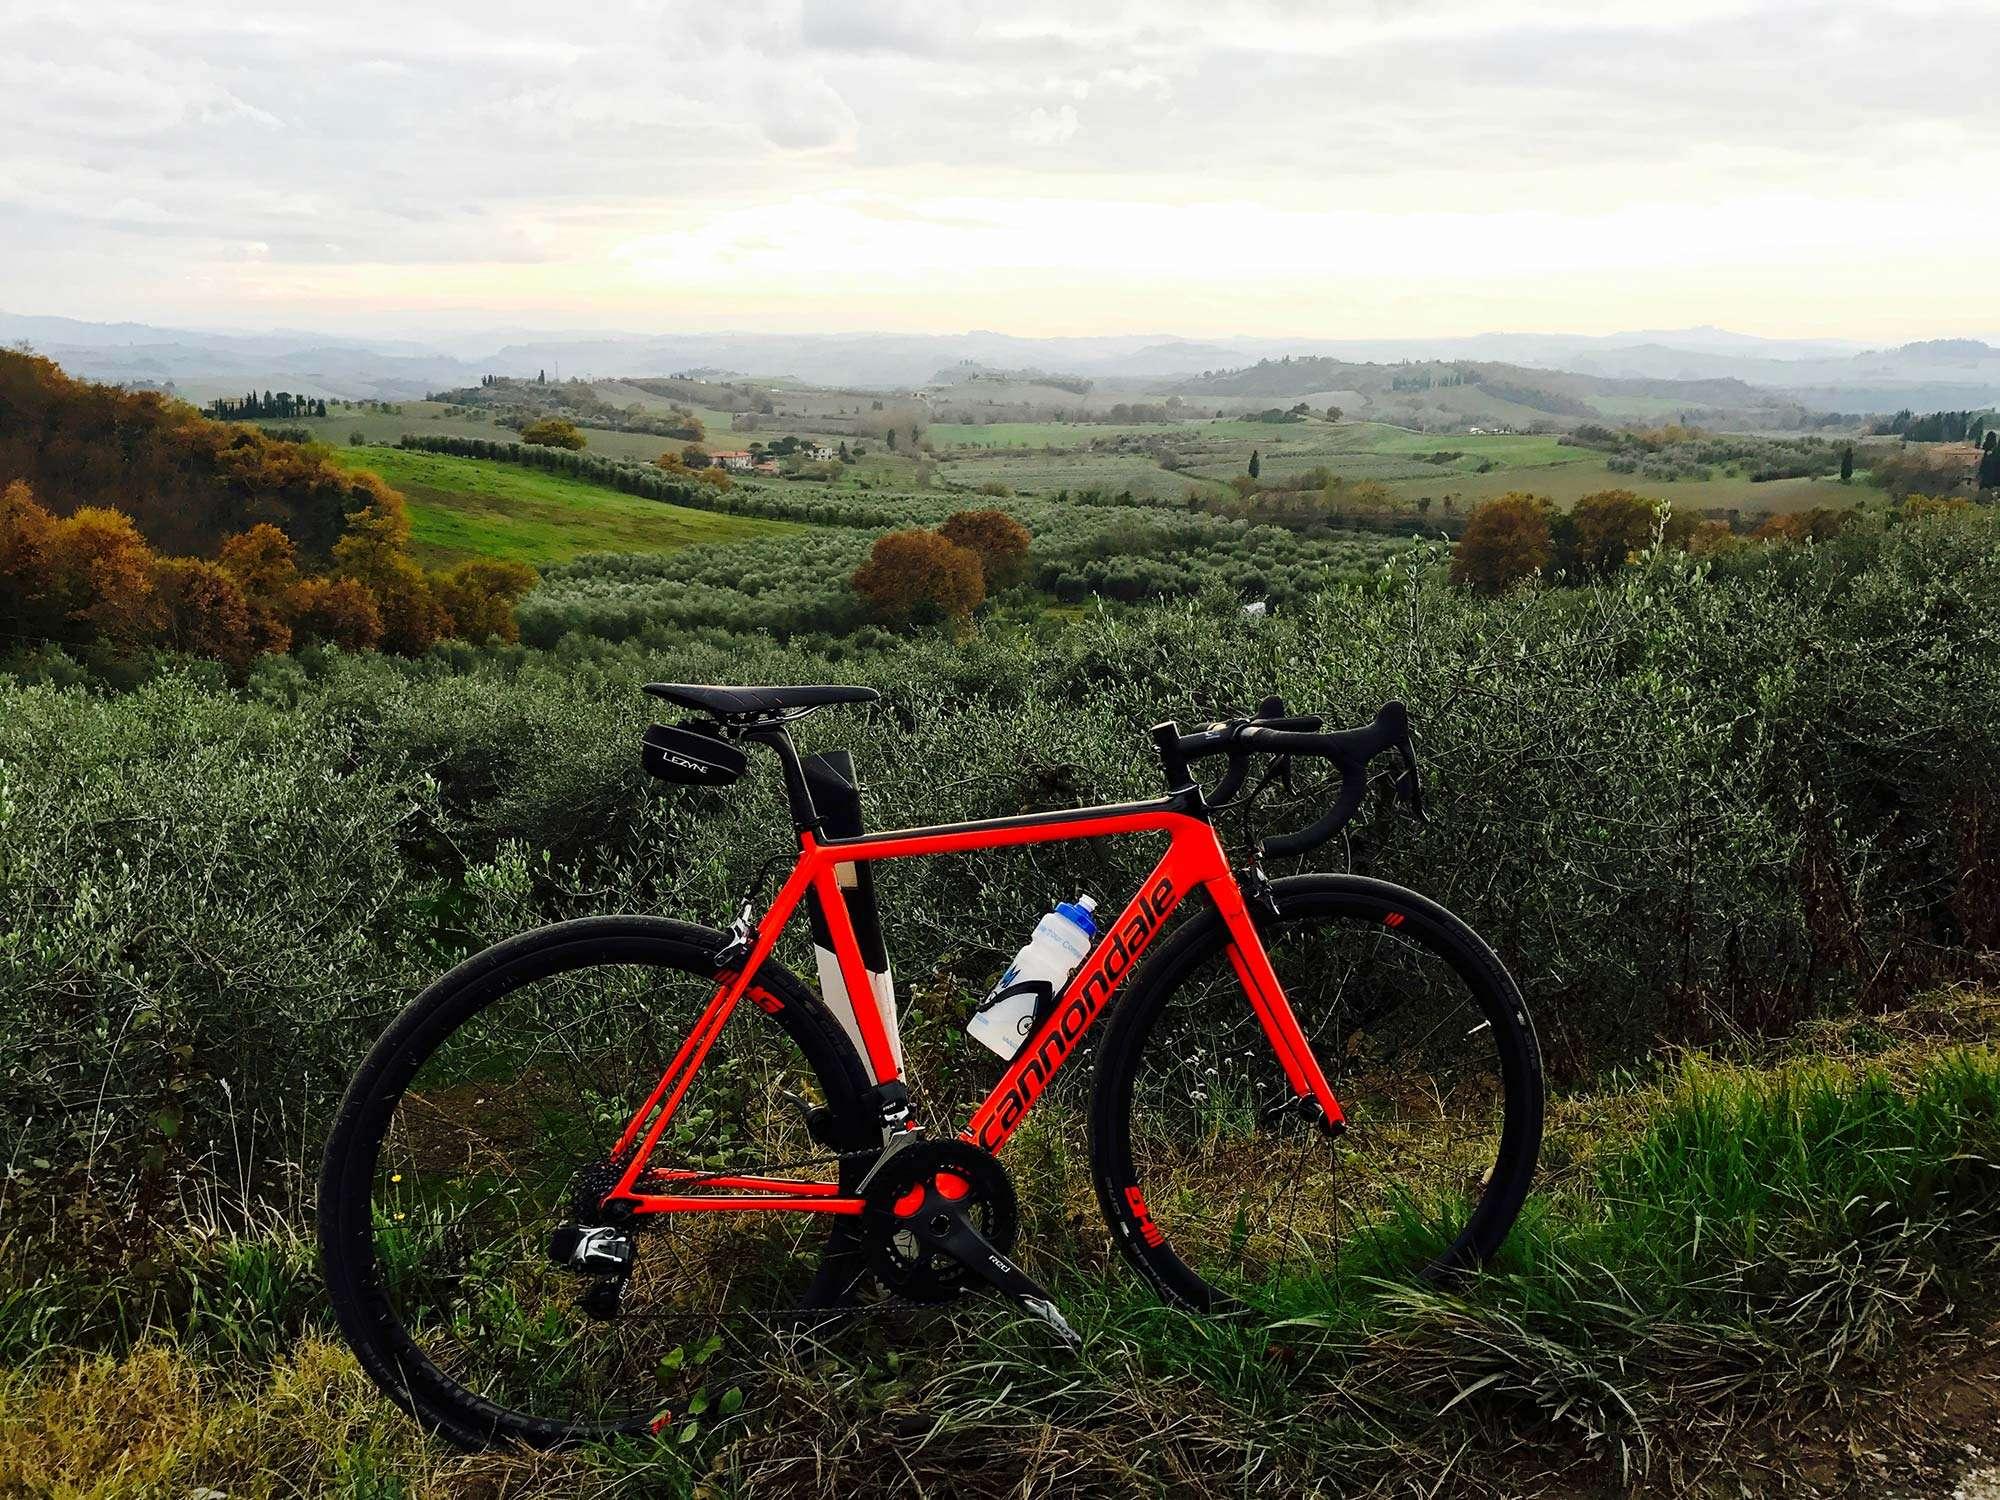 Etap test ride one day bike trip Siena Tuscany